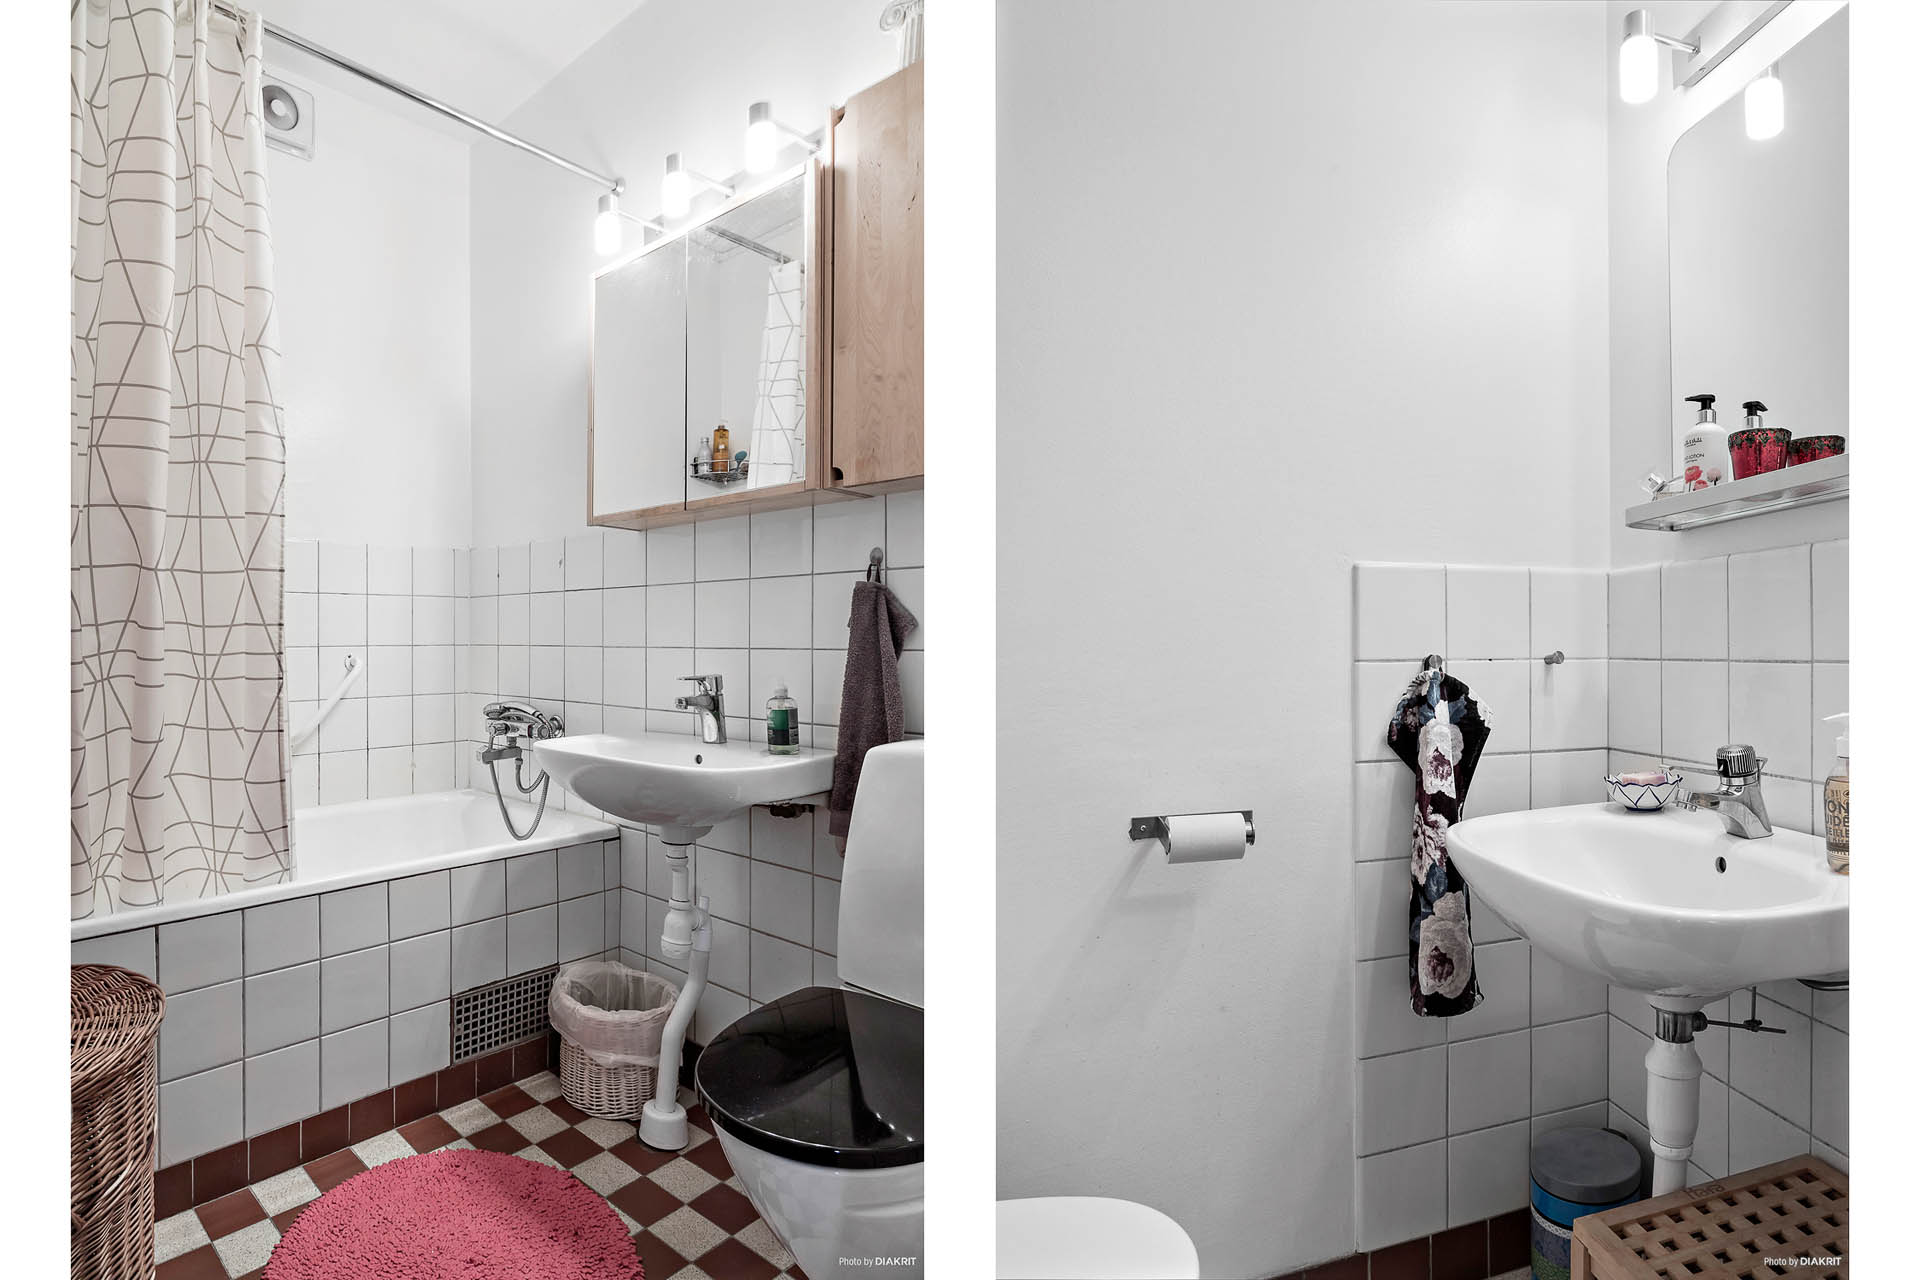 Badrummet är delvis kaklat.